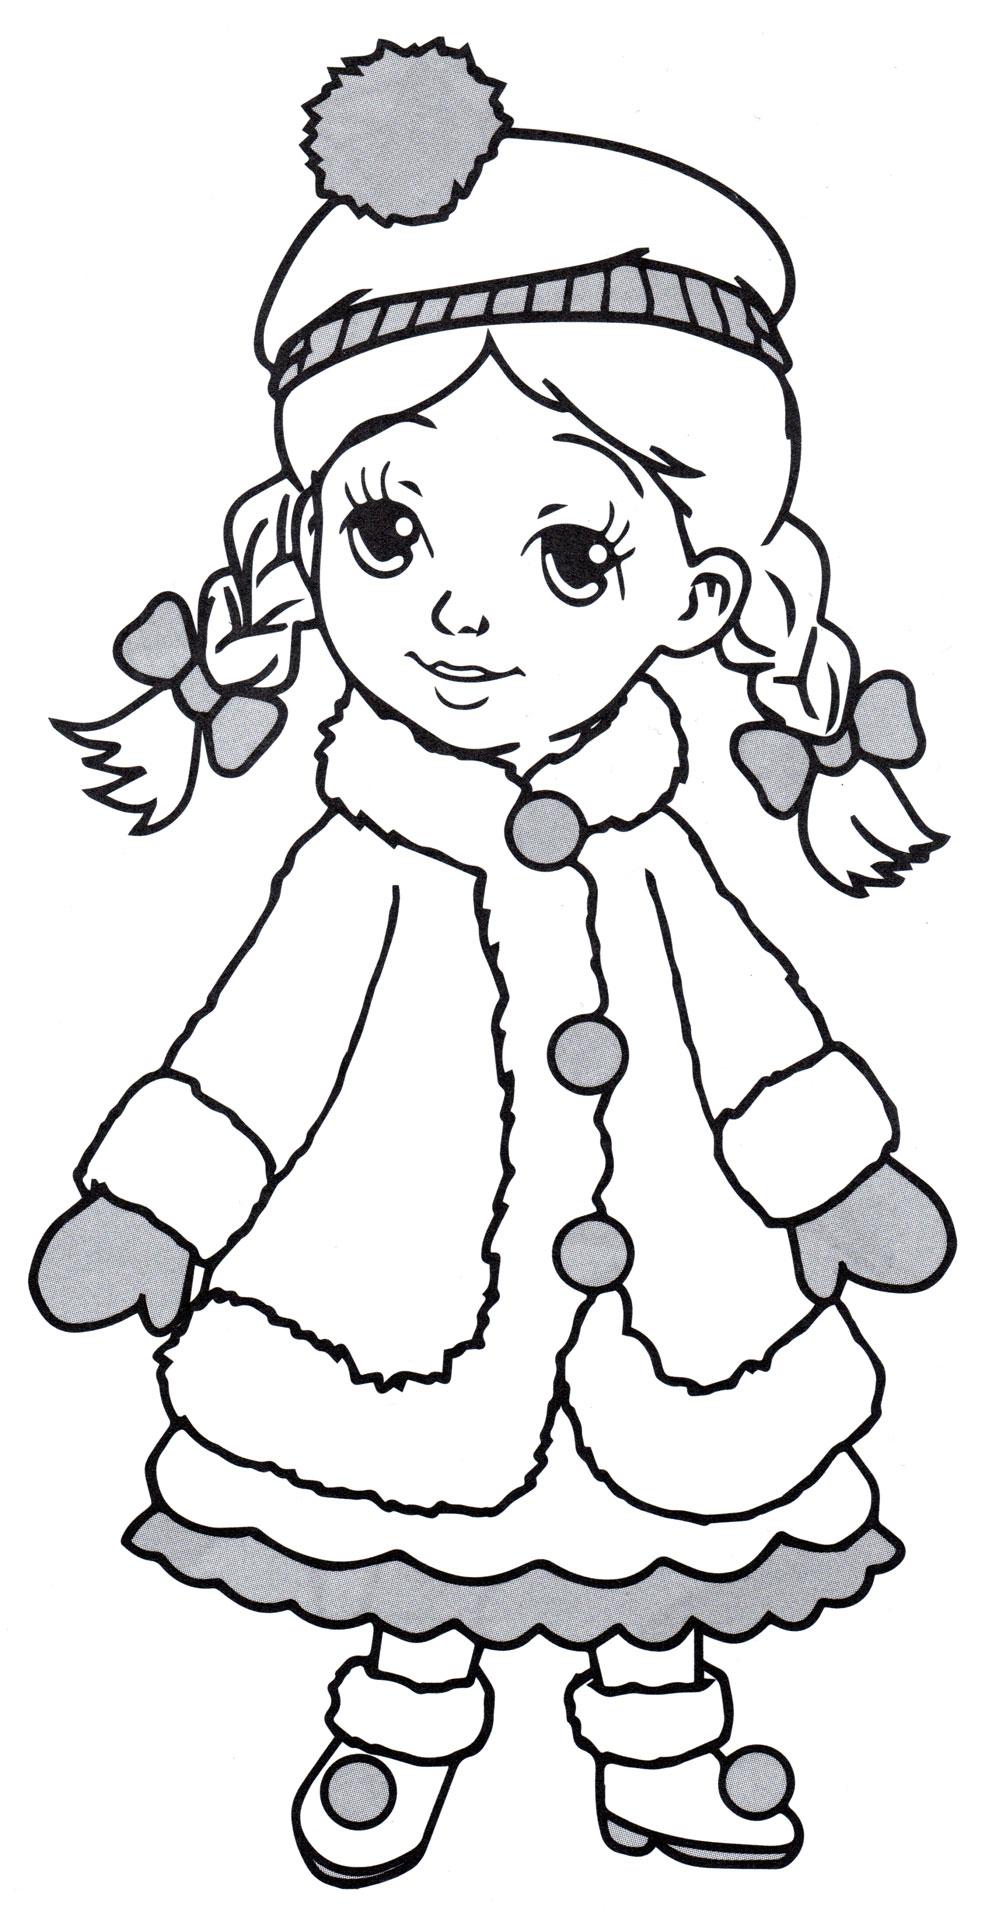 Раскраска Принцесса зимой - распечатать бесплатно